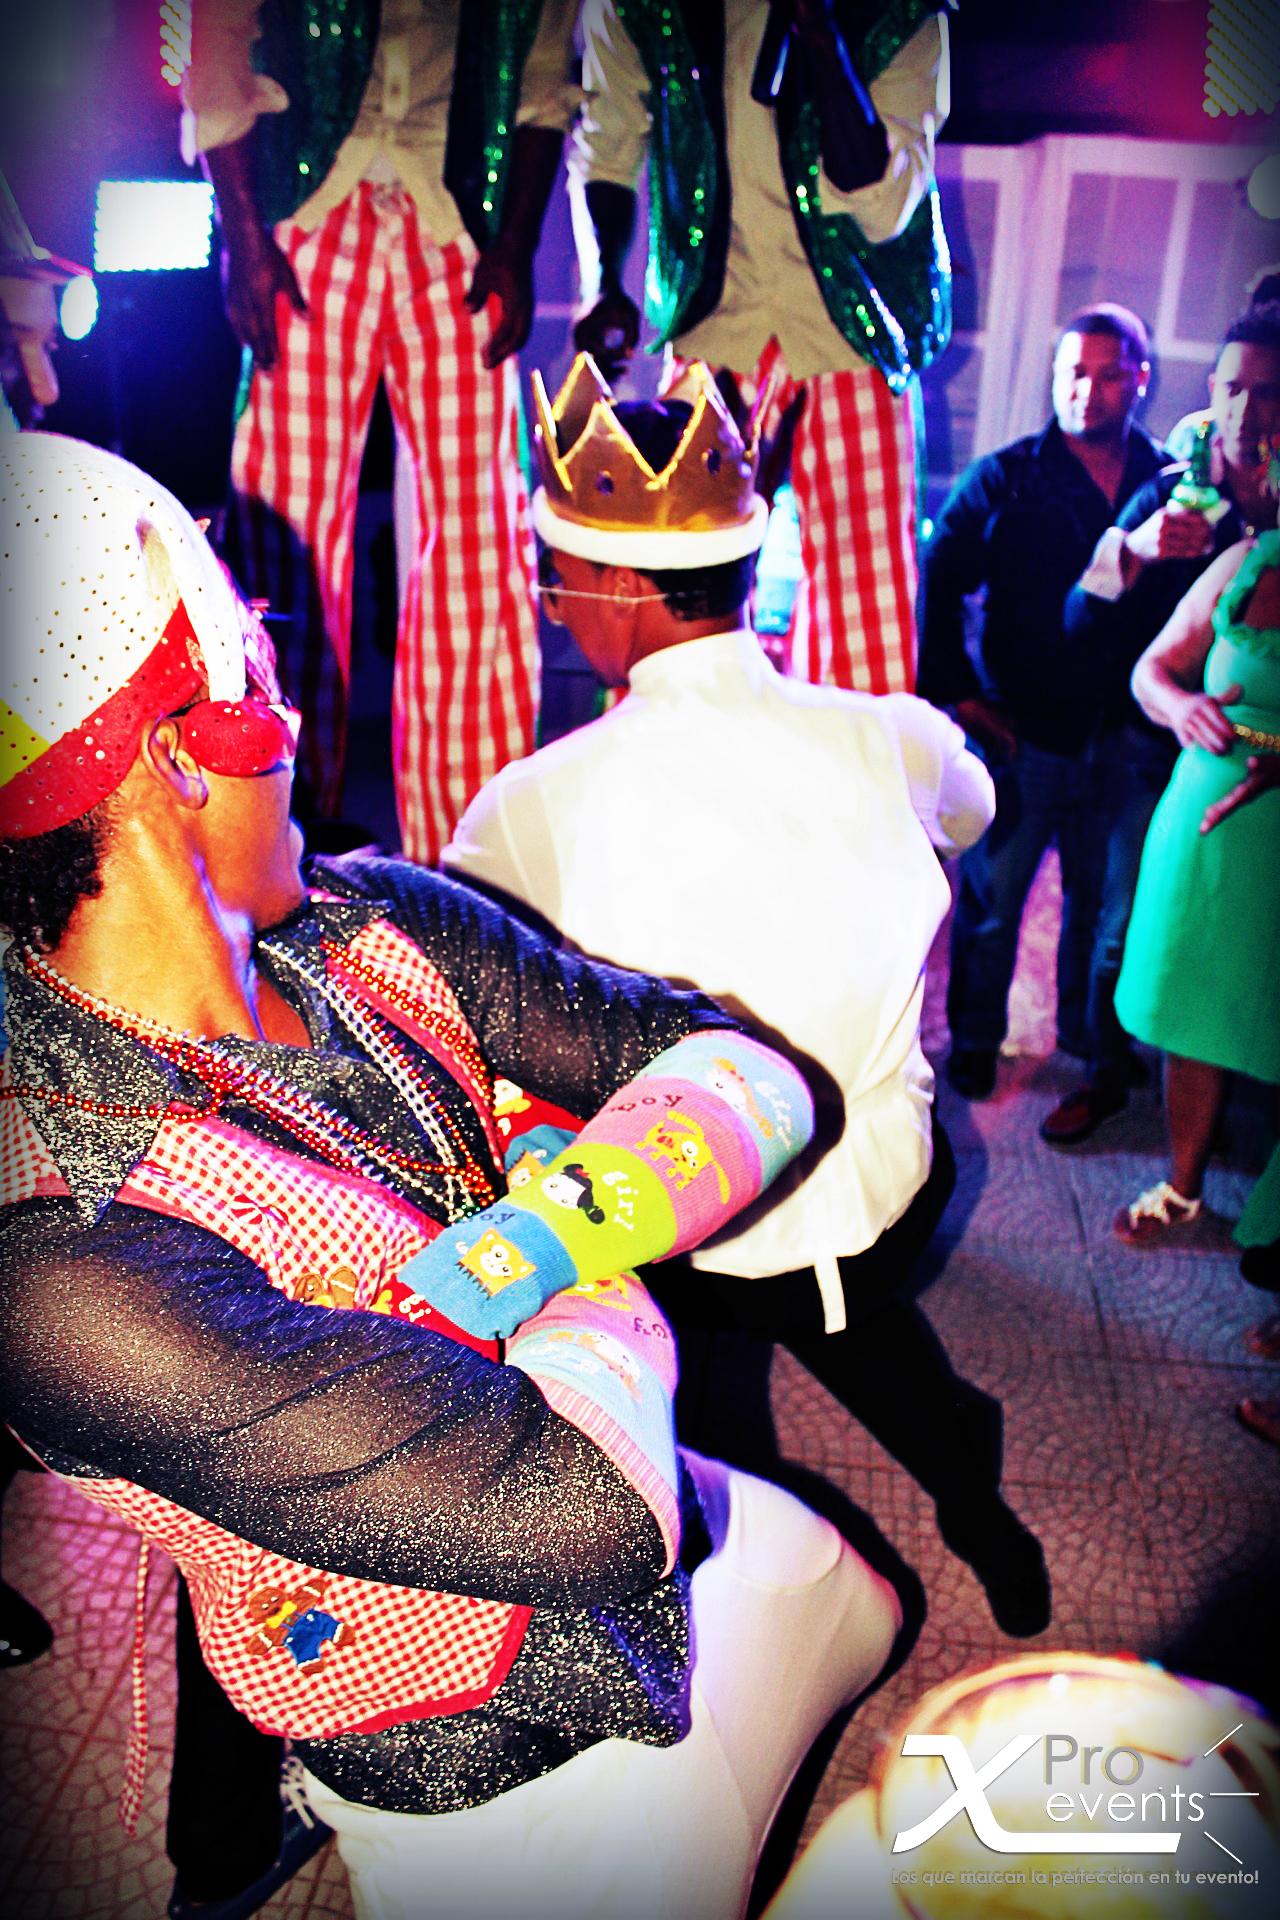 www.Xproevents.com - Las horas mas locas.JPG